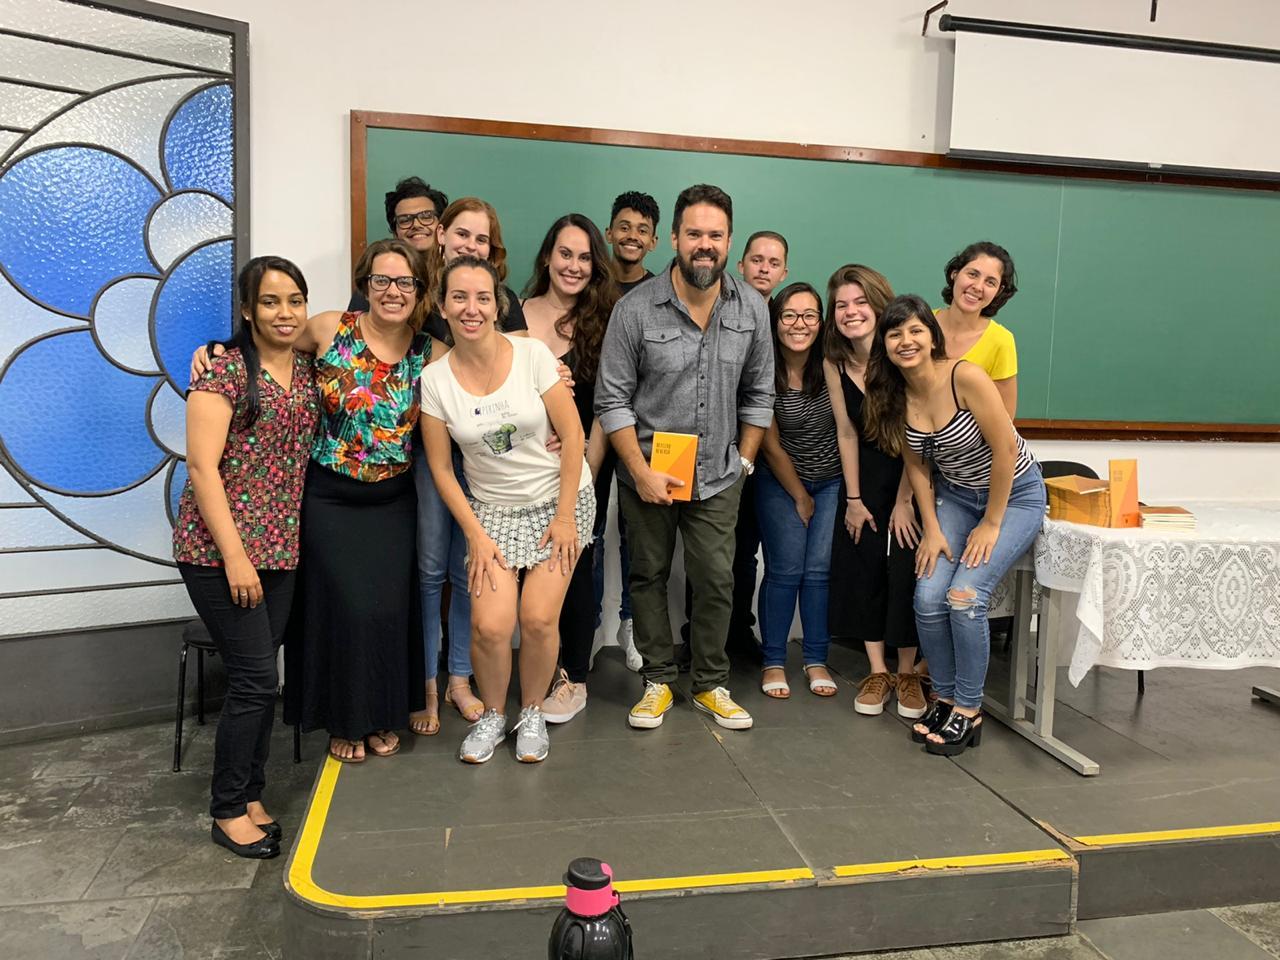 Professores dos Cursos de Licenciatura em Pedagogia, Letra e História fizeram o lançamento de seus livros na Fimi.